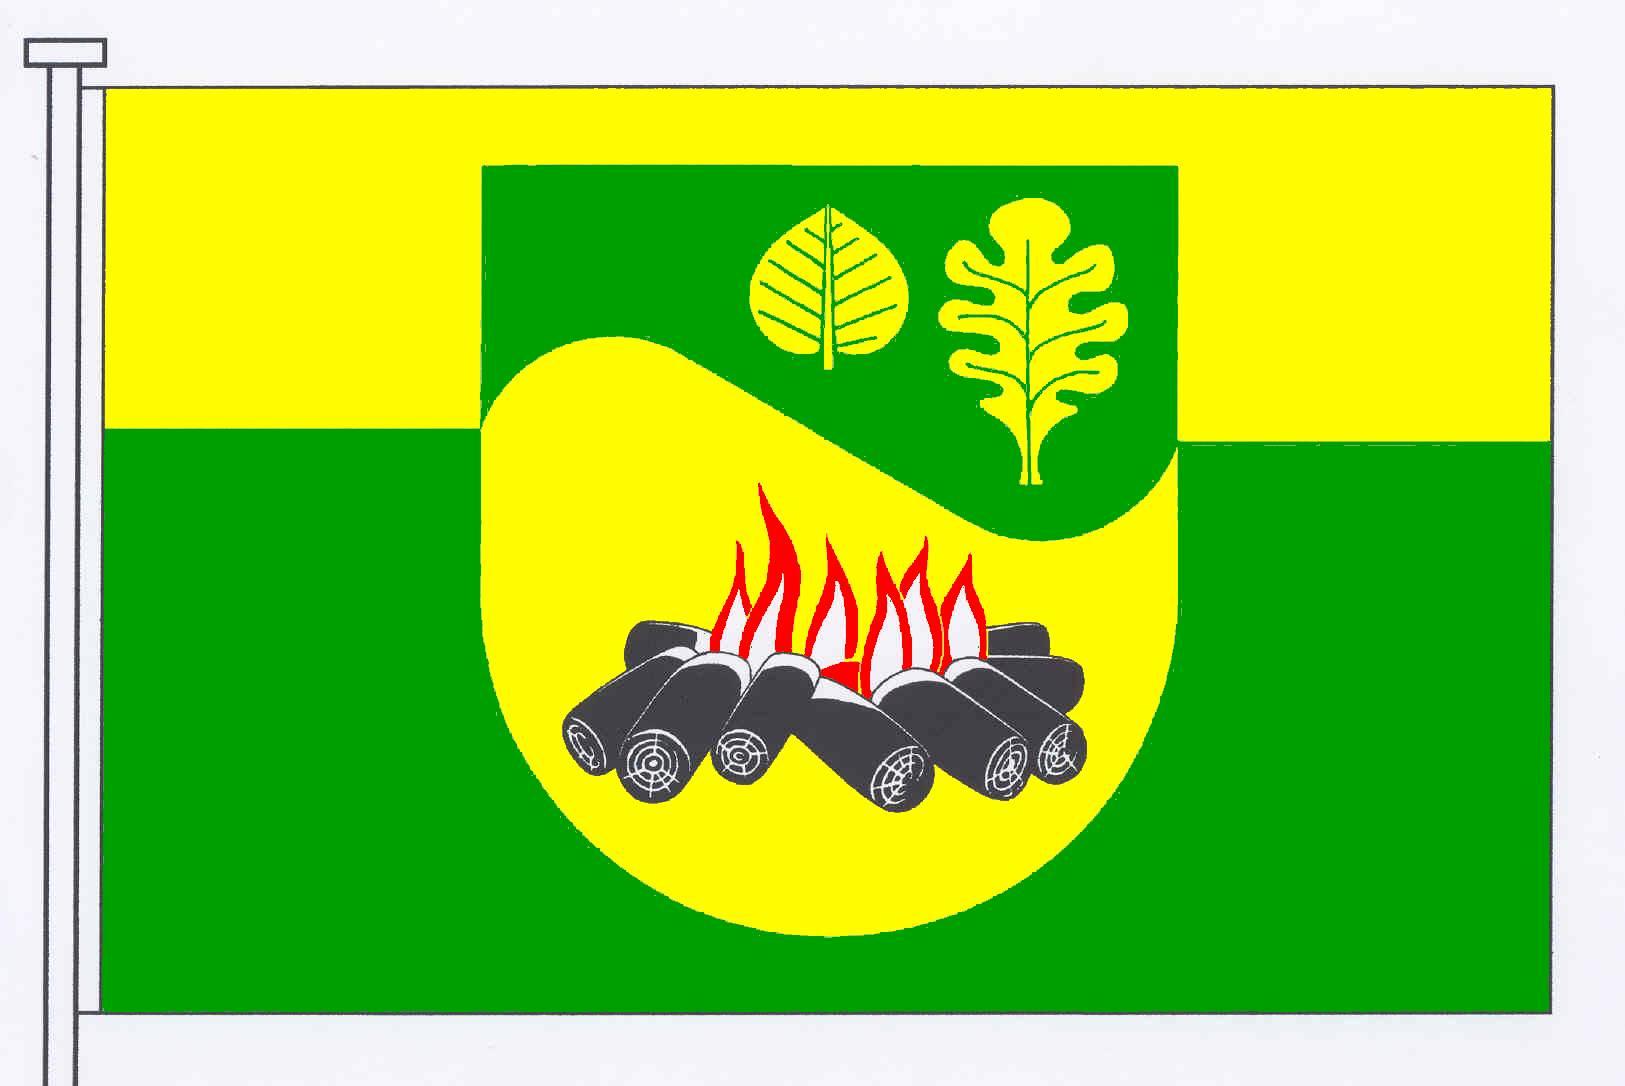 Flagge GemeindeGrauel, Kreis Rendsburg-Eckernförde